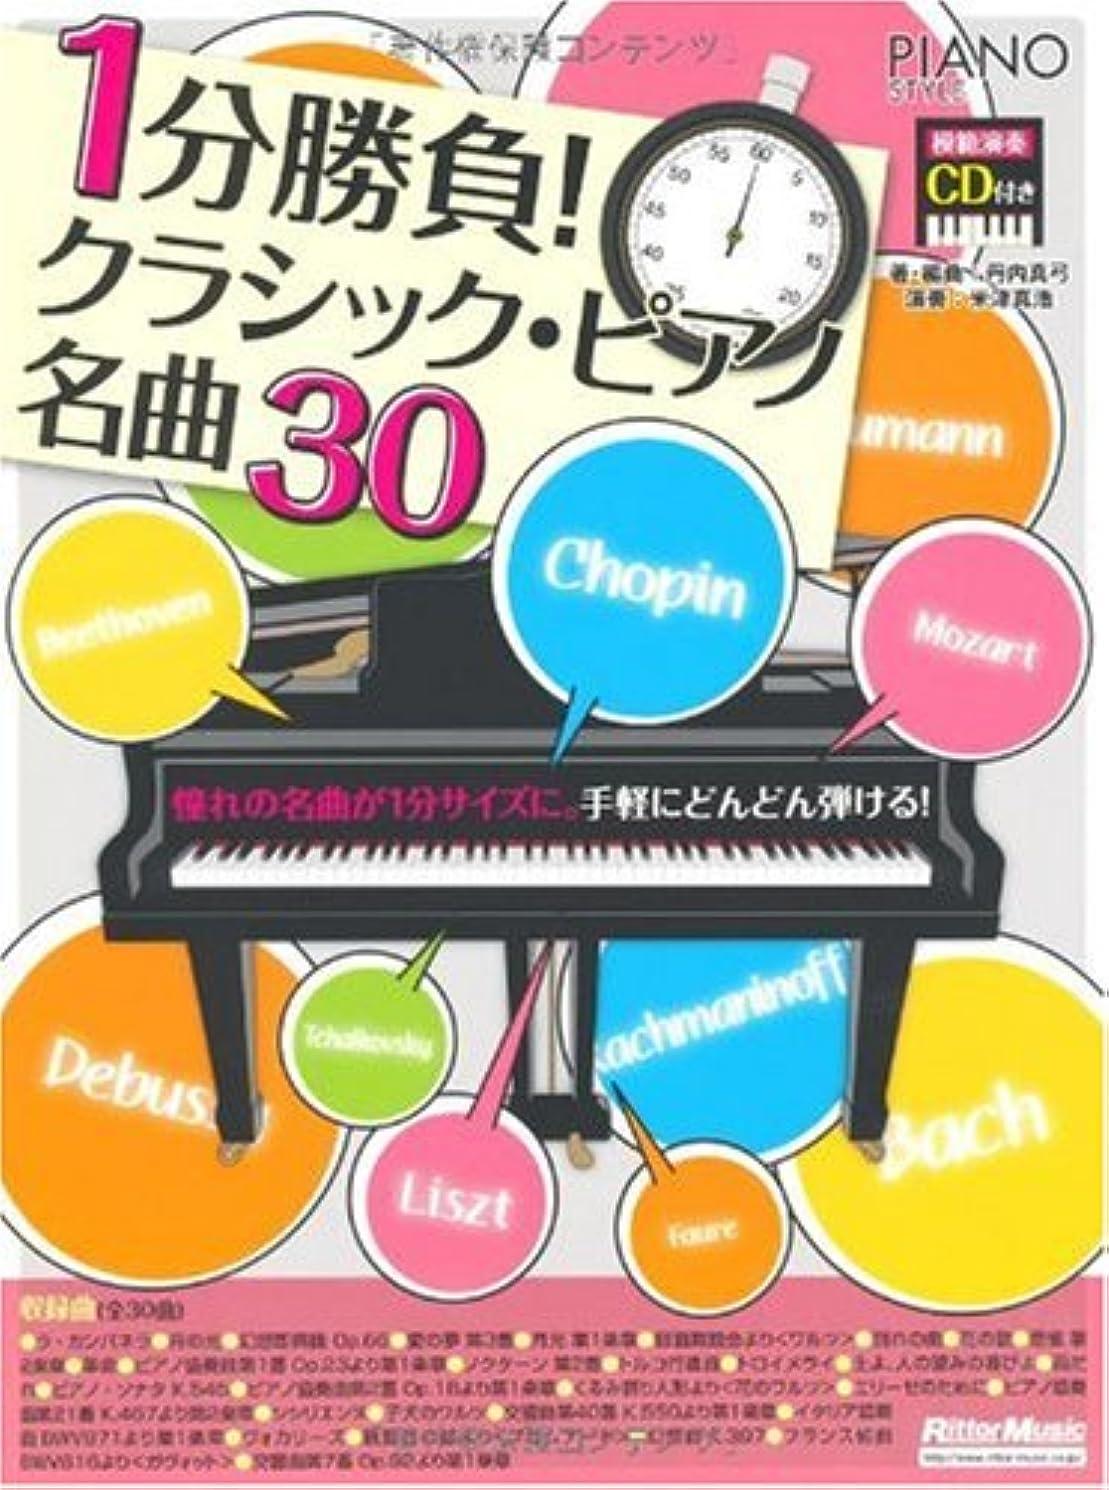 グローブ手つかずの間ピアノスタイル 1分勝負!クラシック?ピアノ名曲30 (CD付き)